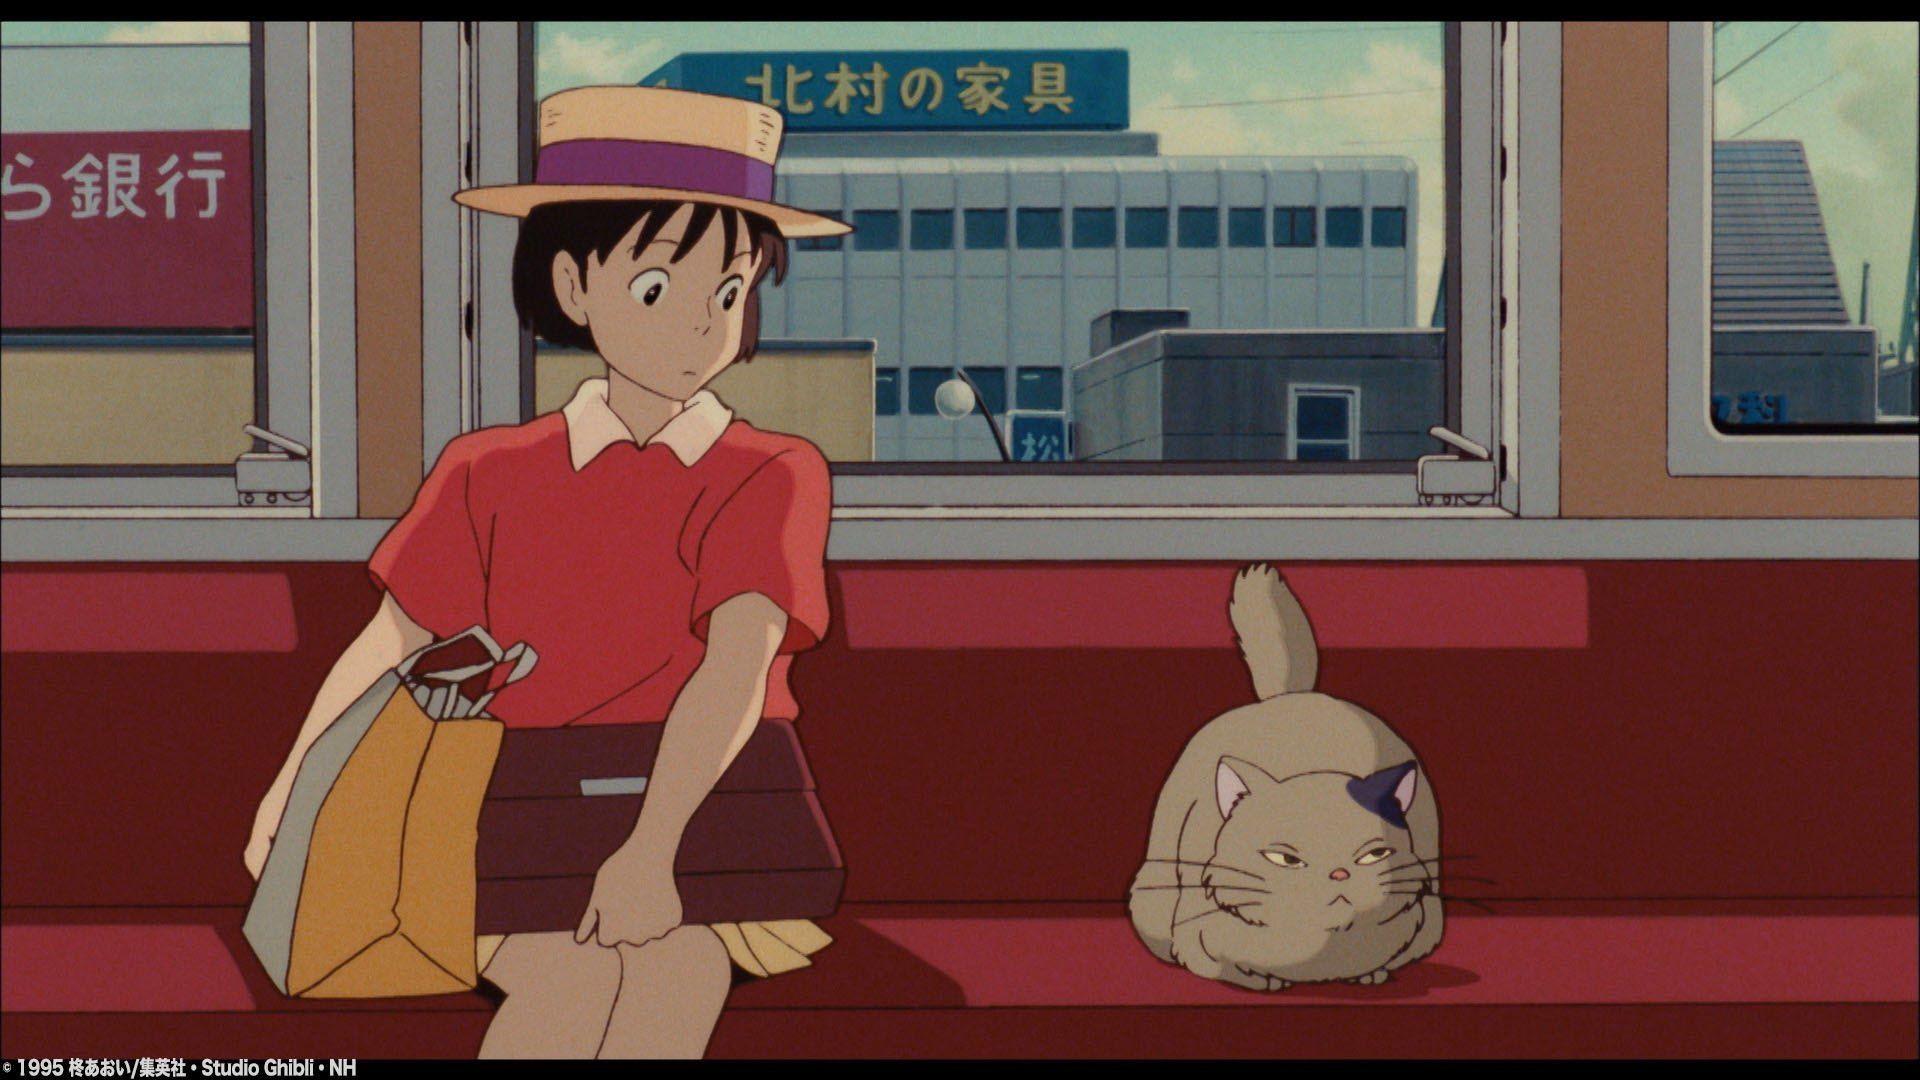 ジブリ 高画質 おしゃれまとめの人気アイデア Pinterest Hotaru 猫の恩返し スタジオジブリ ジブリ